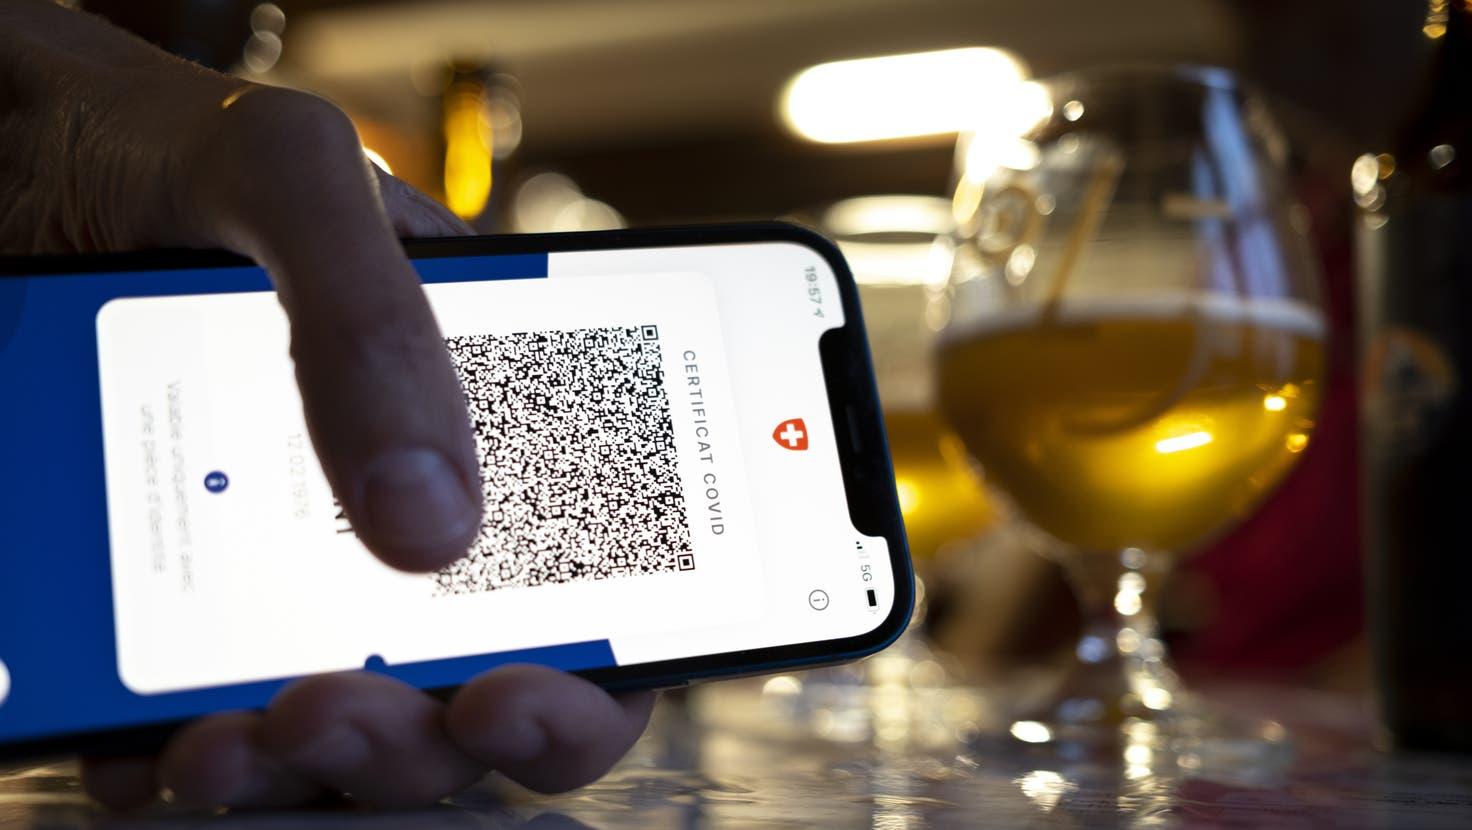 Wer ins Restaurant oder in die Bar will, braucht ein Covid-Zertifikat. Der Bundesrat will die Zertifikatspflicht lockern, sobald keine Überlastung der Spitäler mehr droht. (Laurent Gillieron)